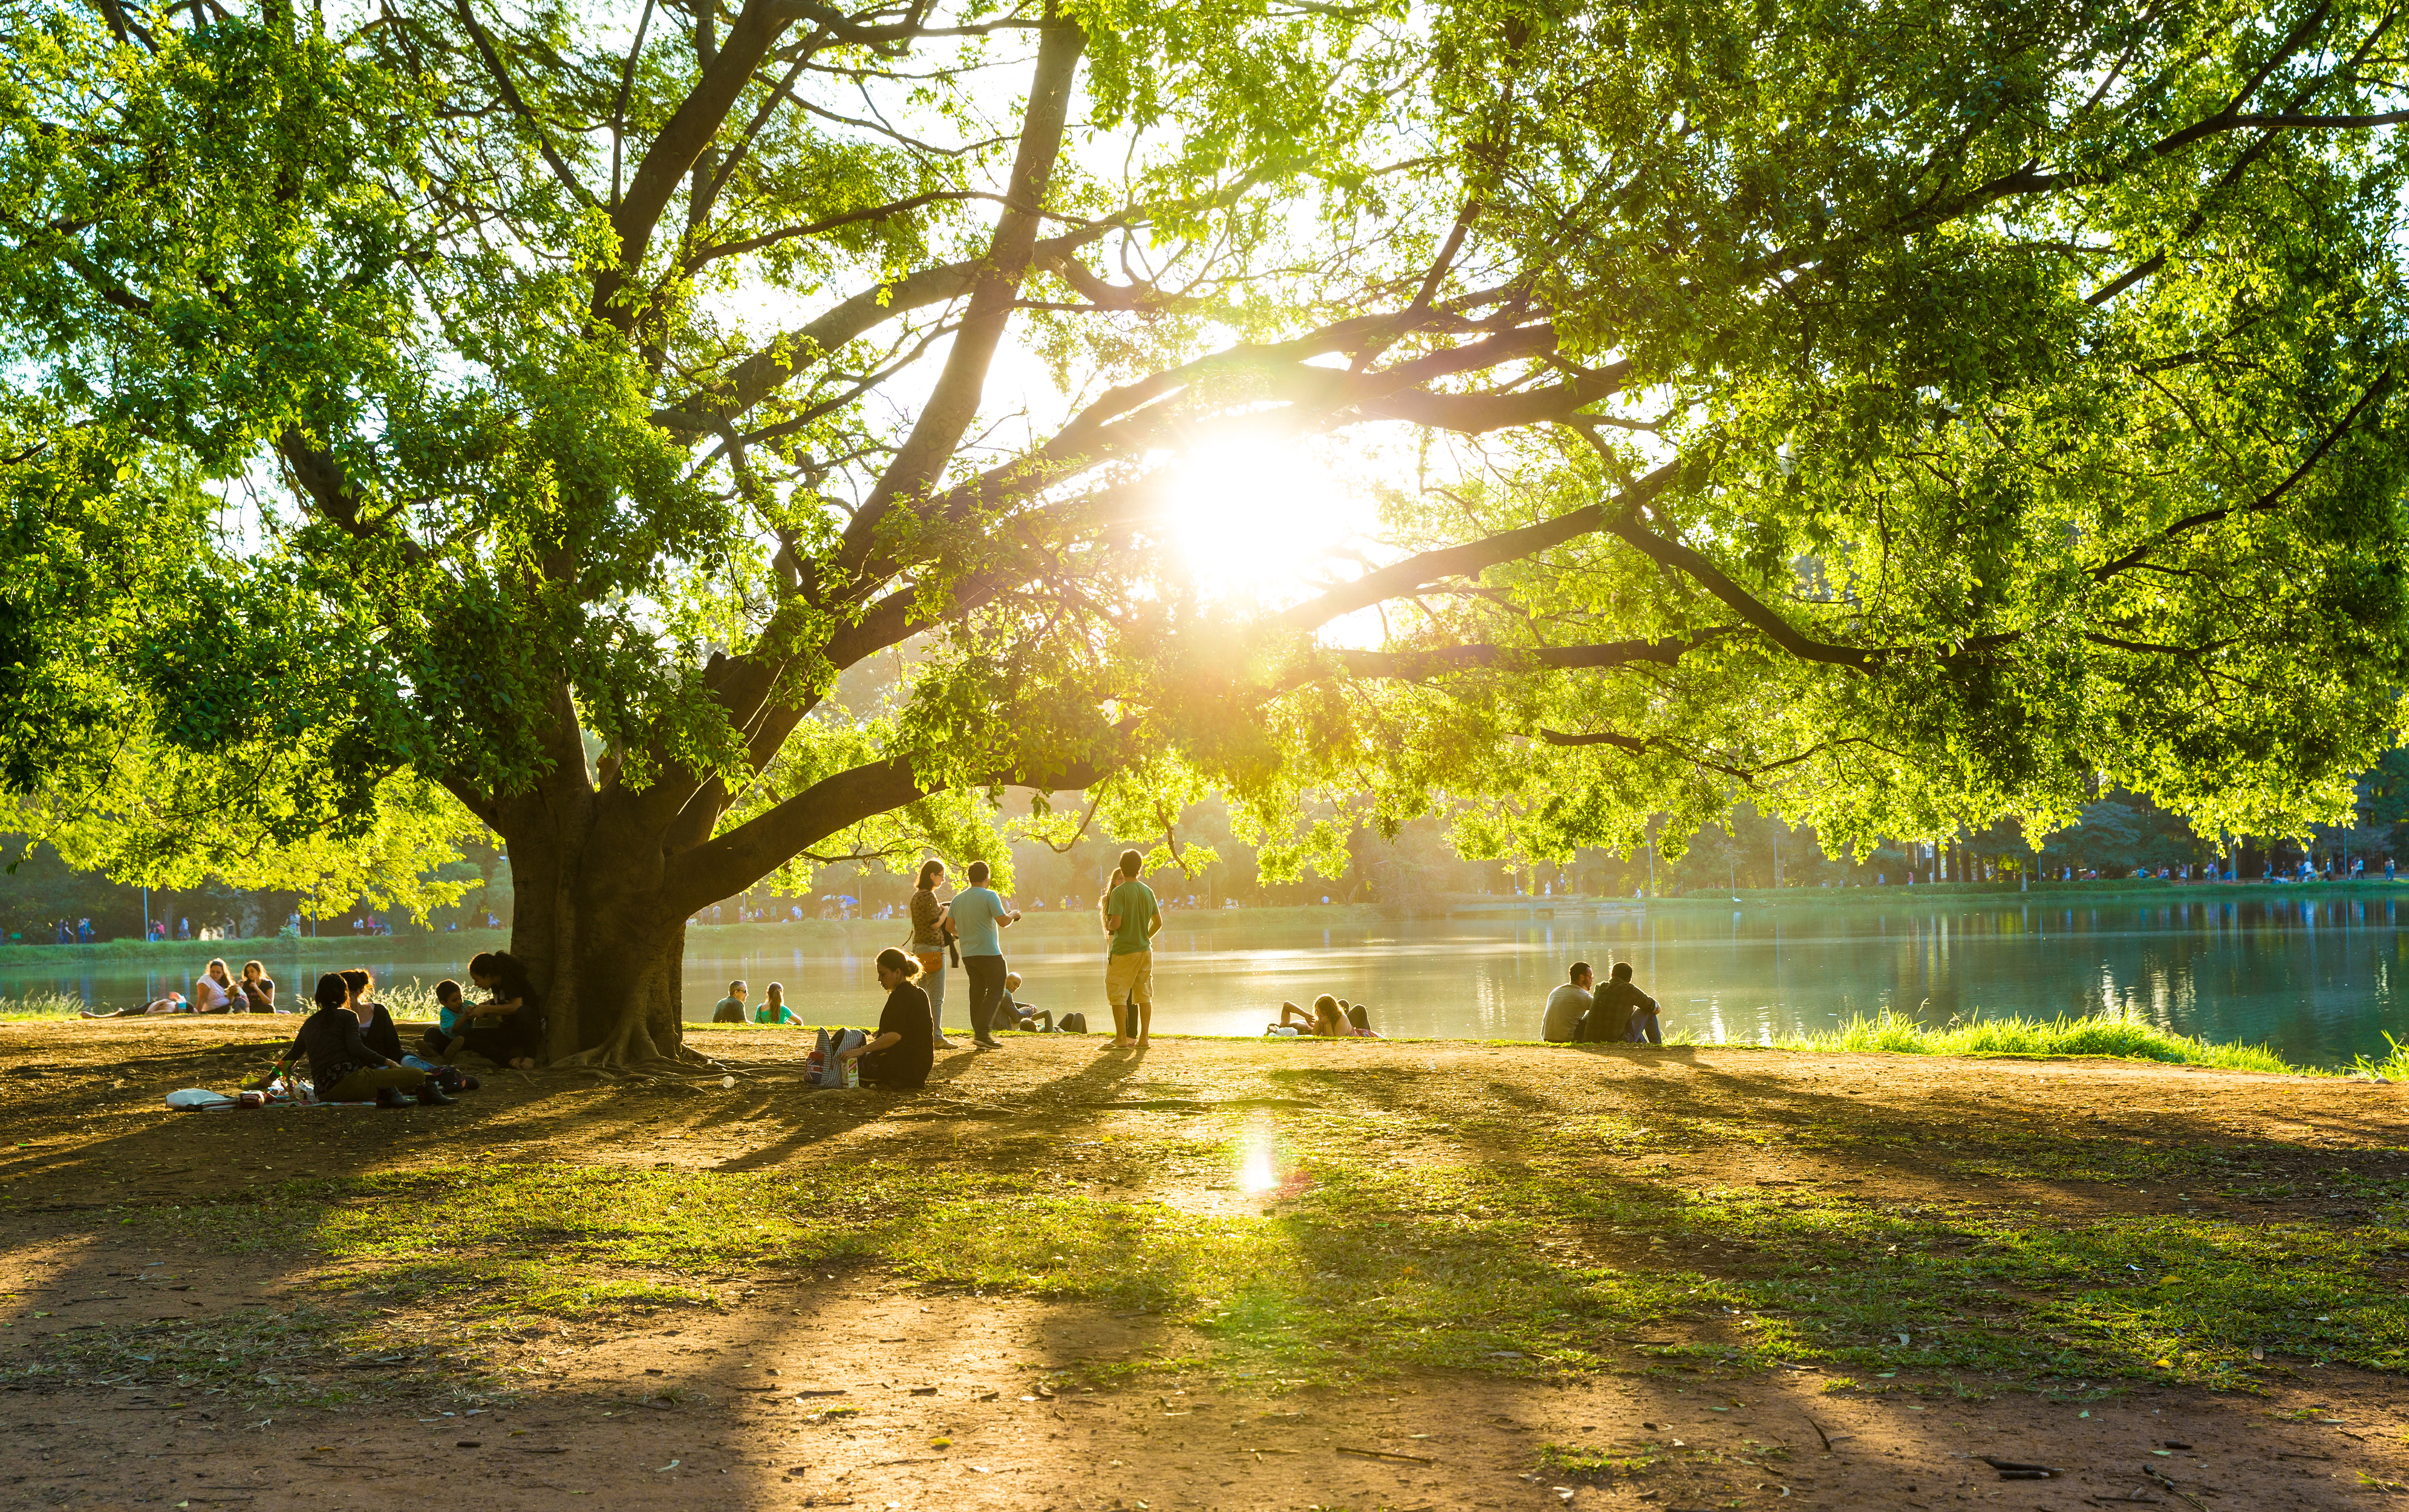 Pessoas descansam na grama sob árvore em tarde de sol no lago artificial do Parque do Ibirapuera em São Paulo, Brasil